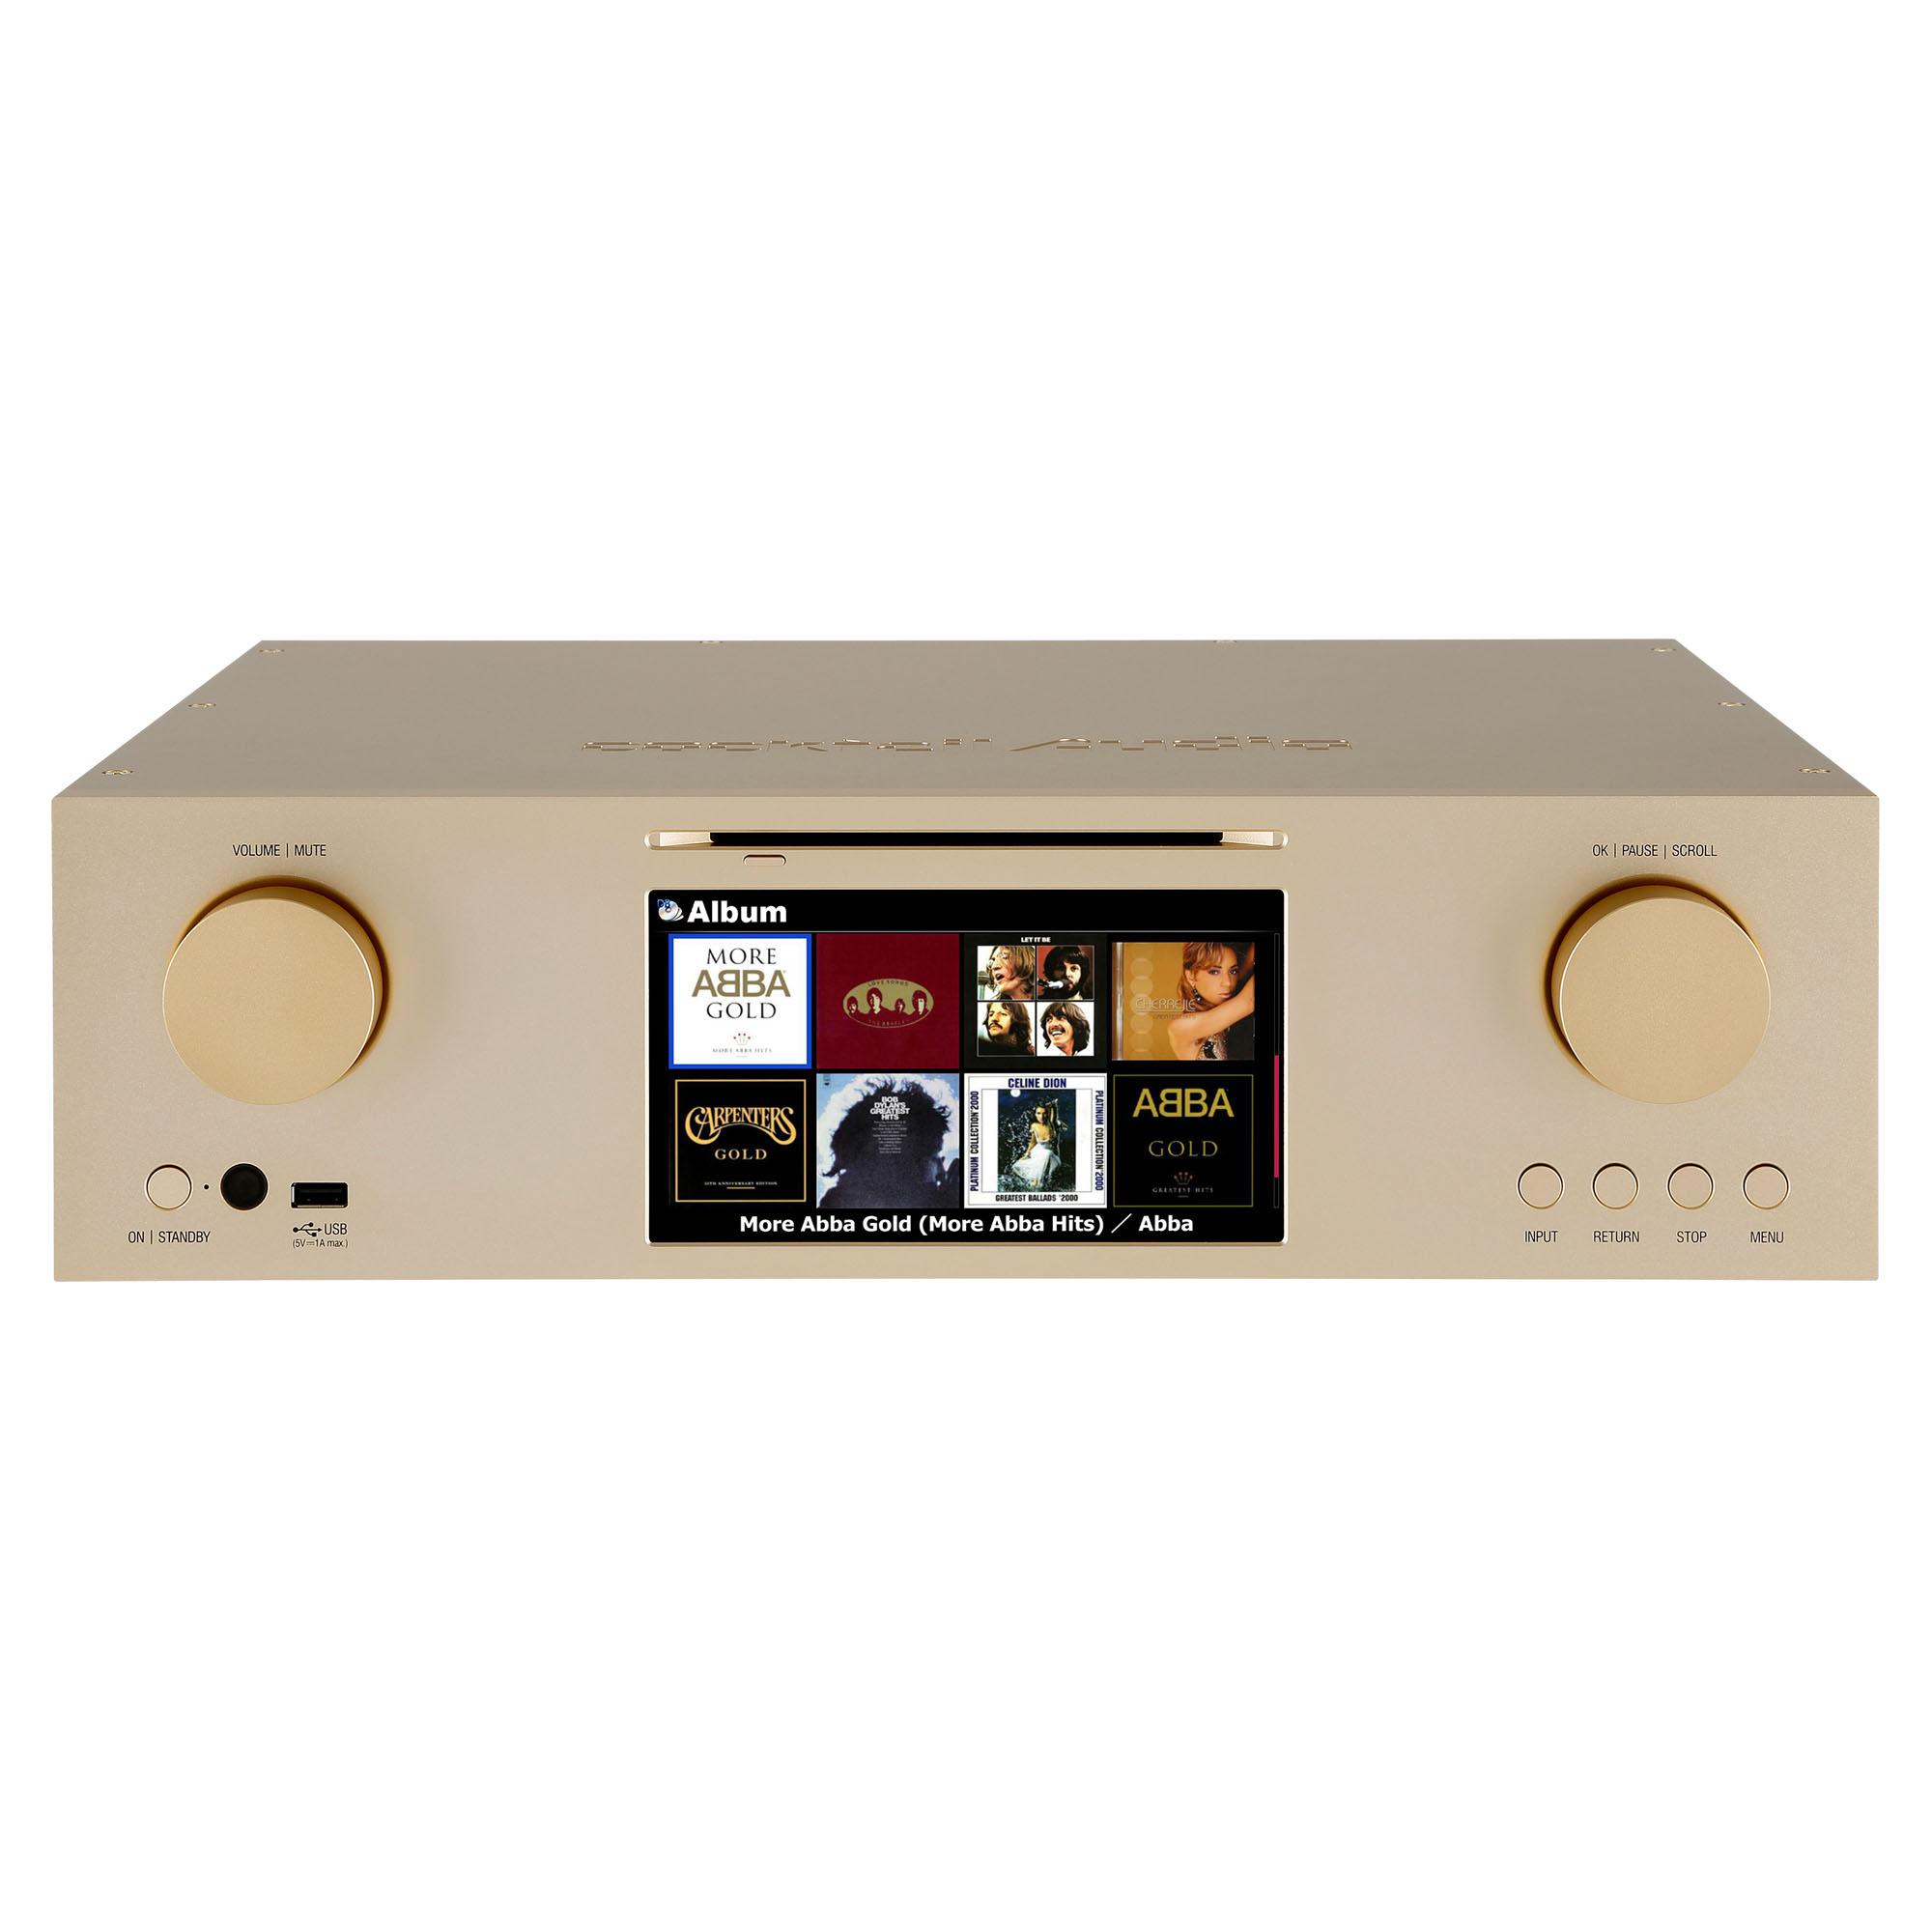 De Cocktail Audio X50Pro is het topmodel netwerkspeler en opslag van Cocktail Audio zonder DAC